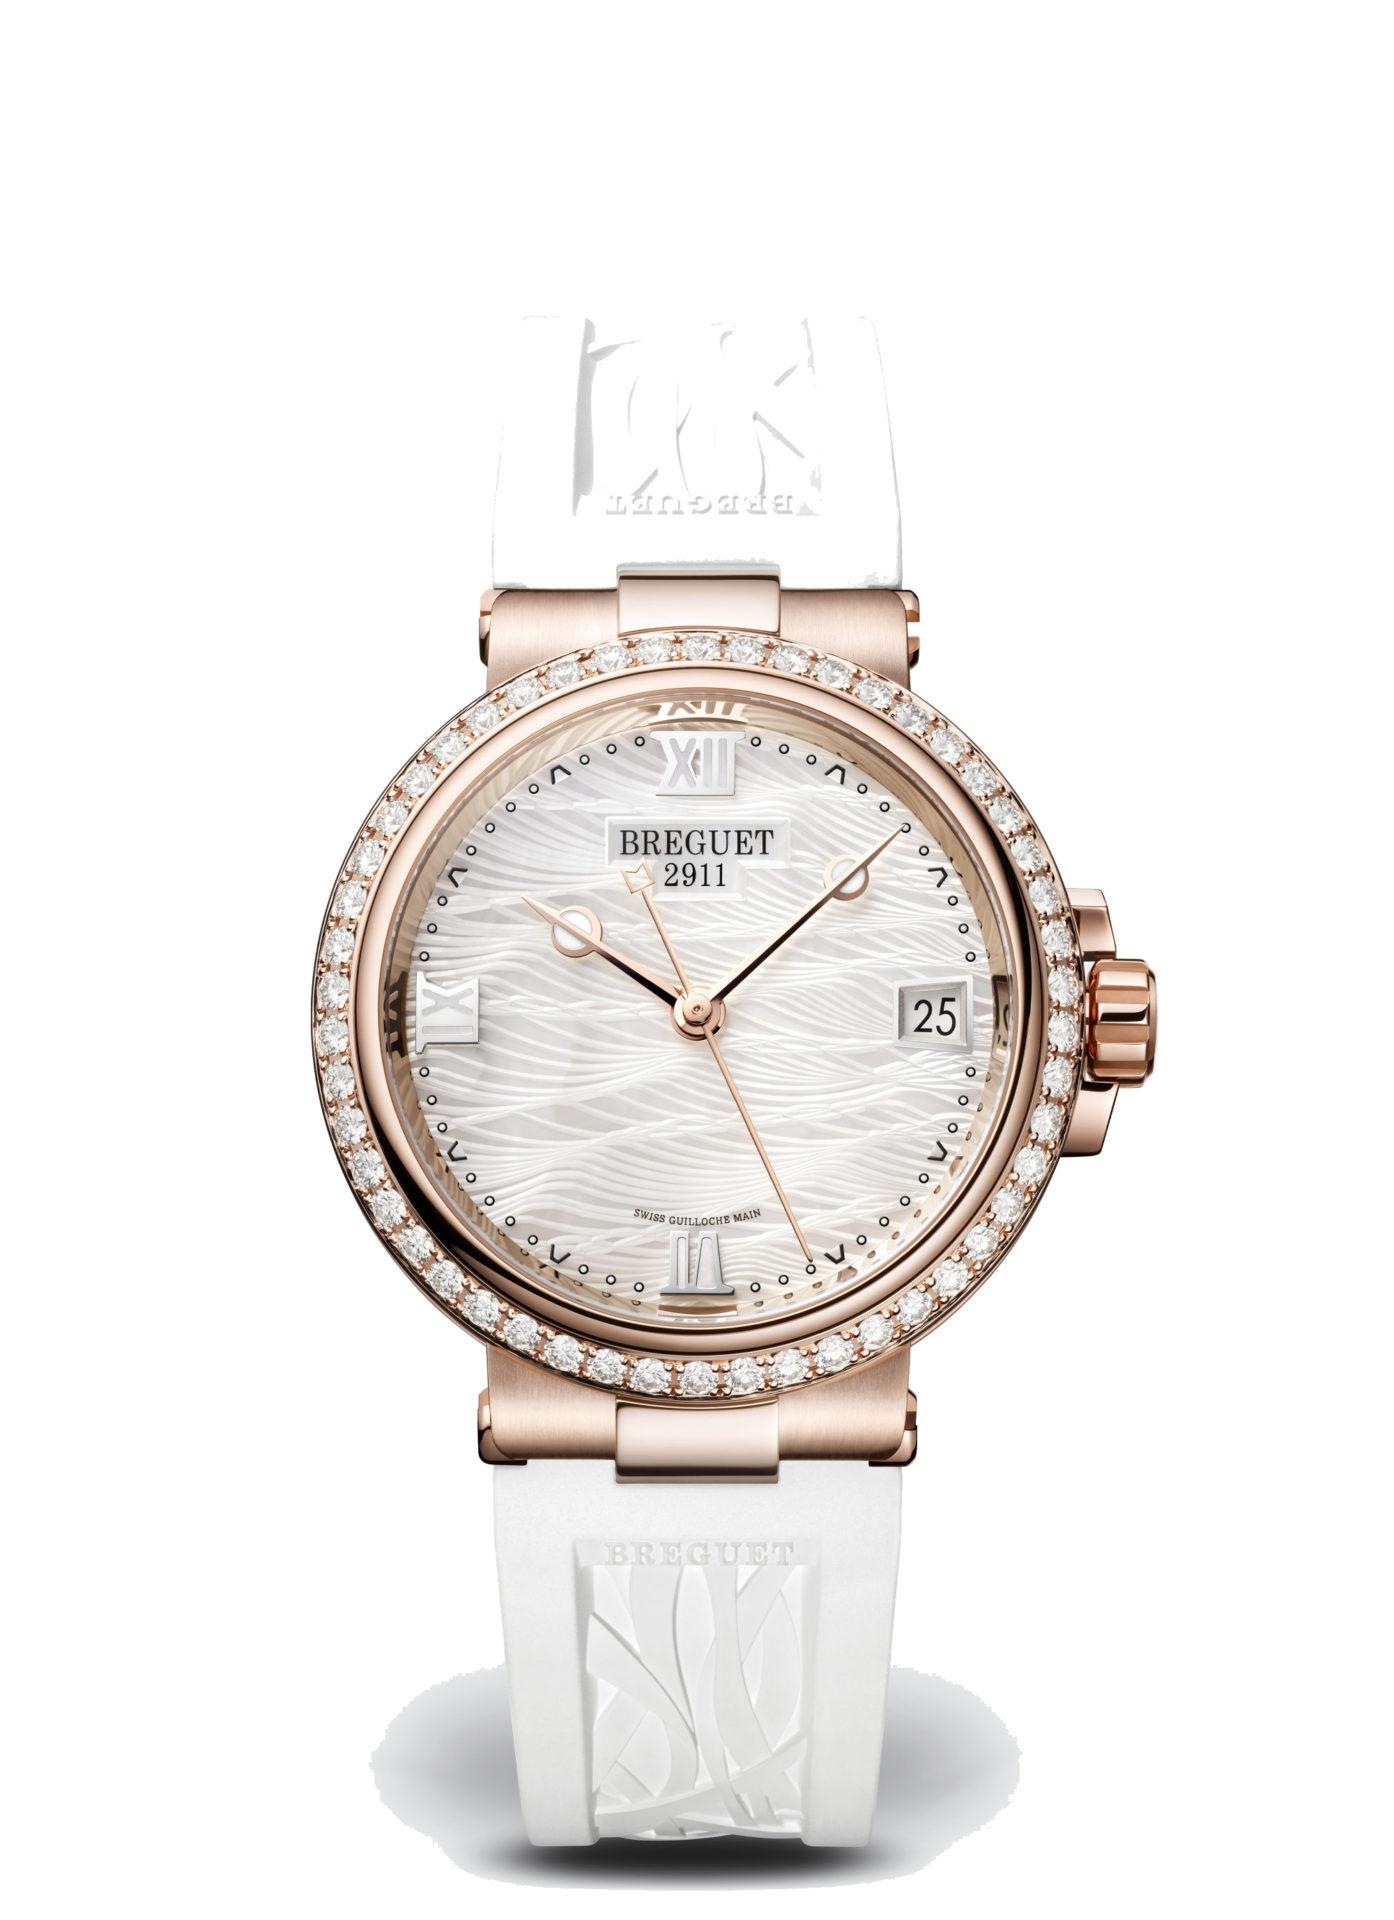 Breguet-La-Marine-Dame-9518-Hall-of-Time-9518BR-52-584-D000